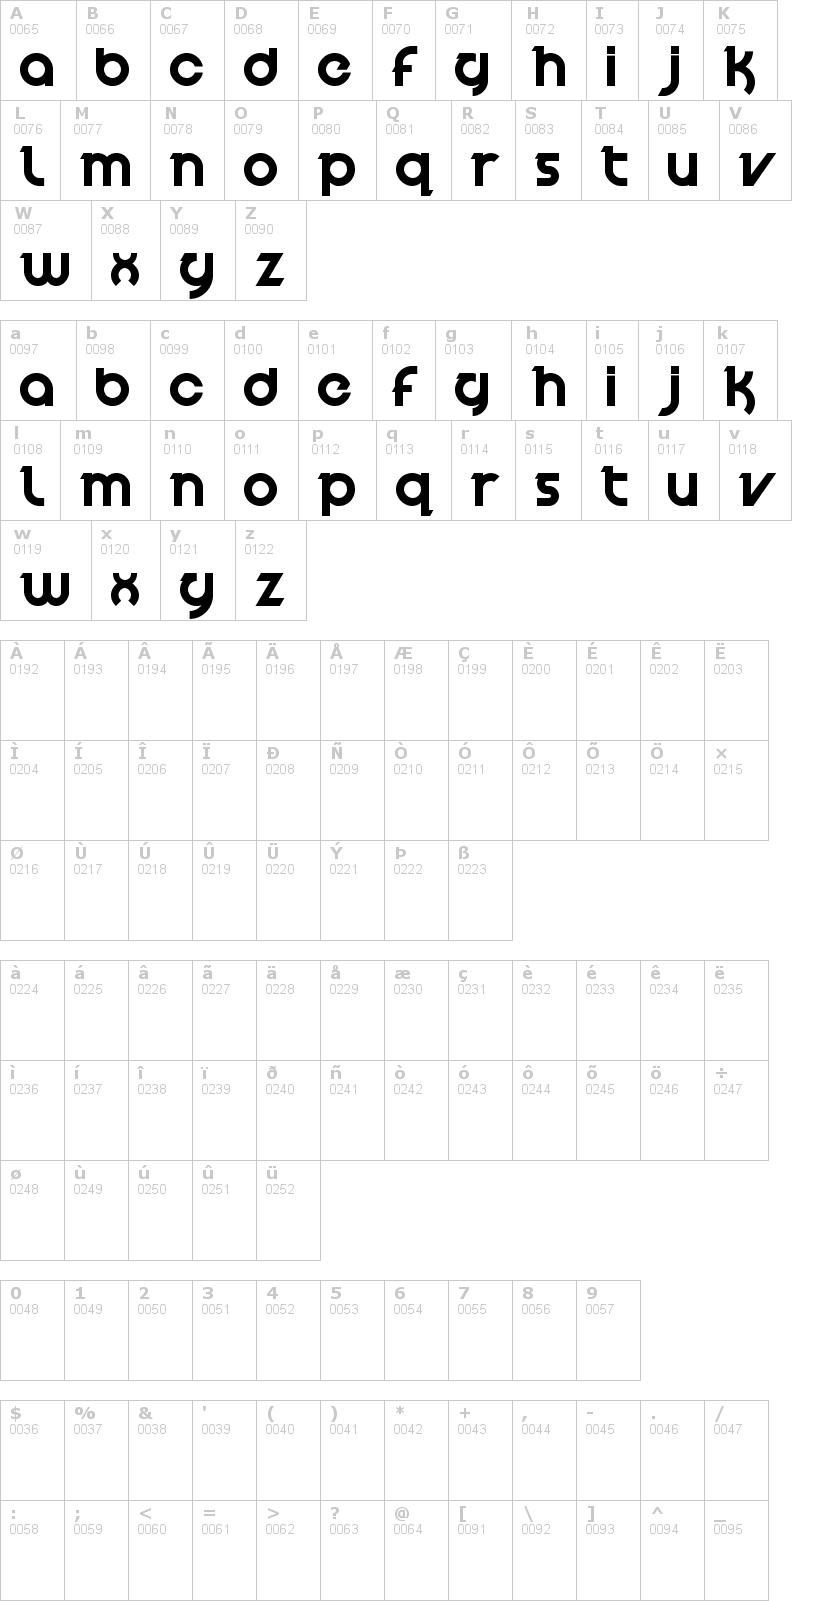 Lettere dell'alfabeto del font velocity con le quali è possibile realizzare adesivi prespaziati